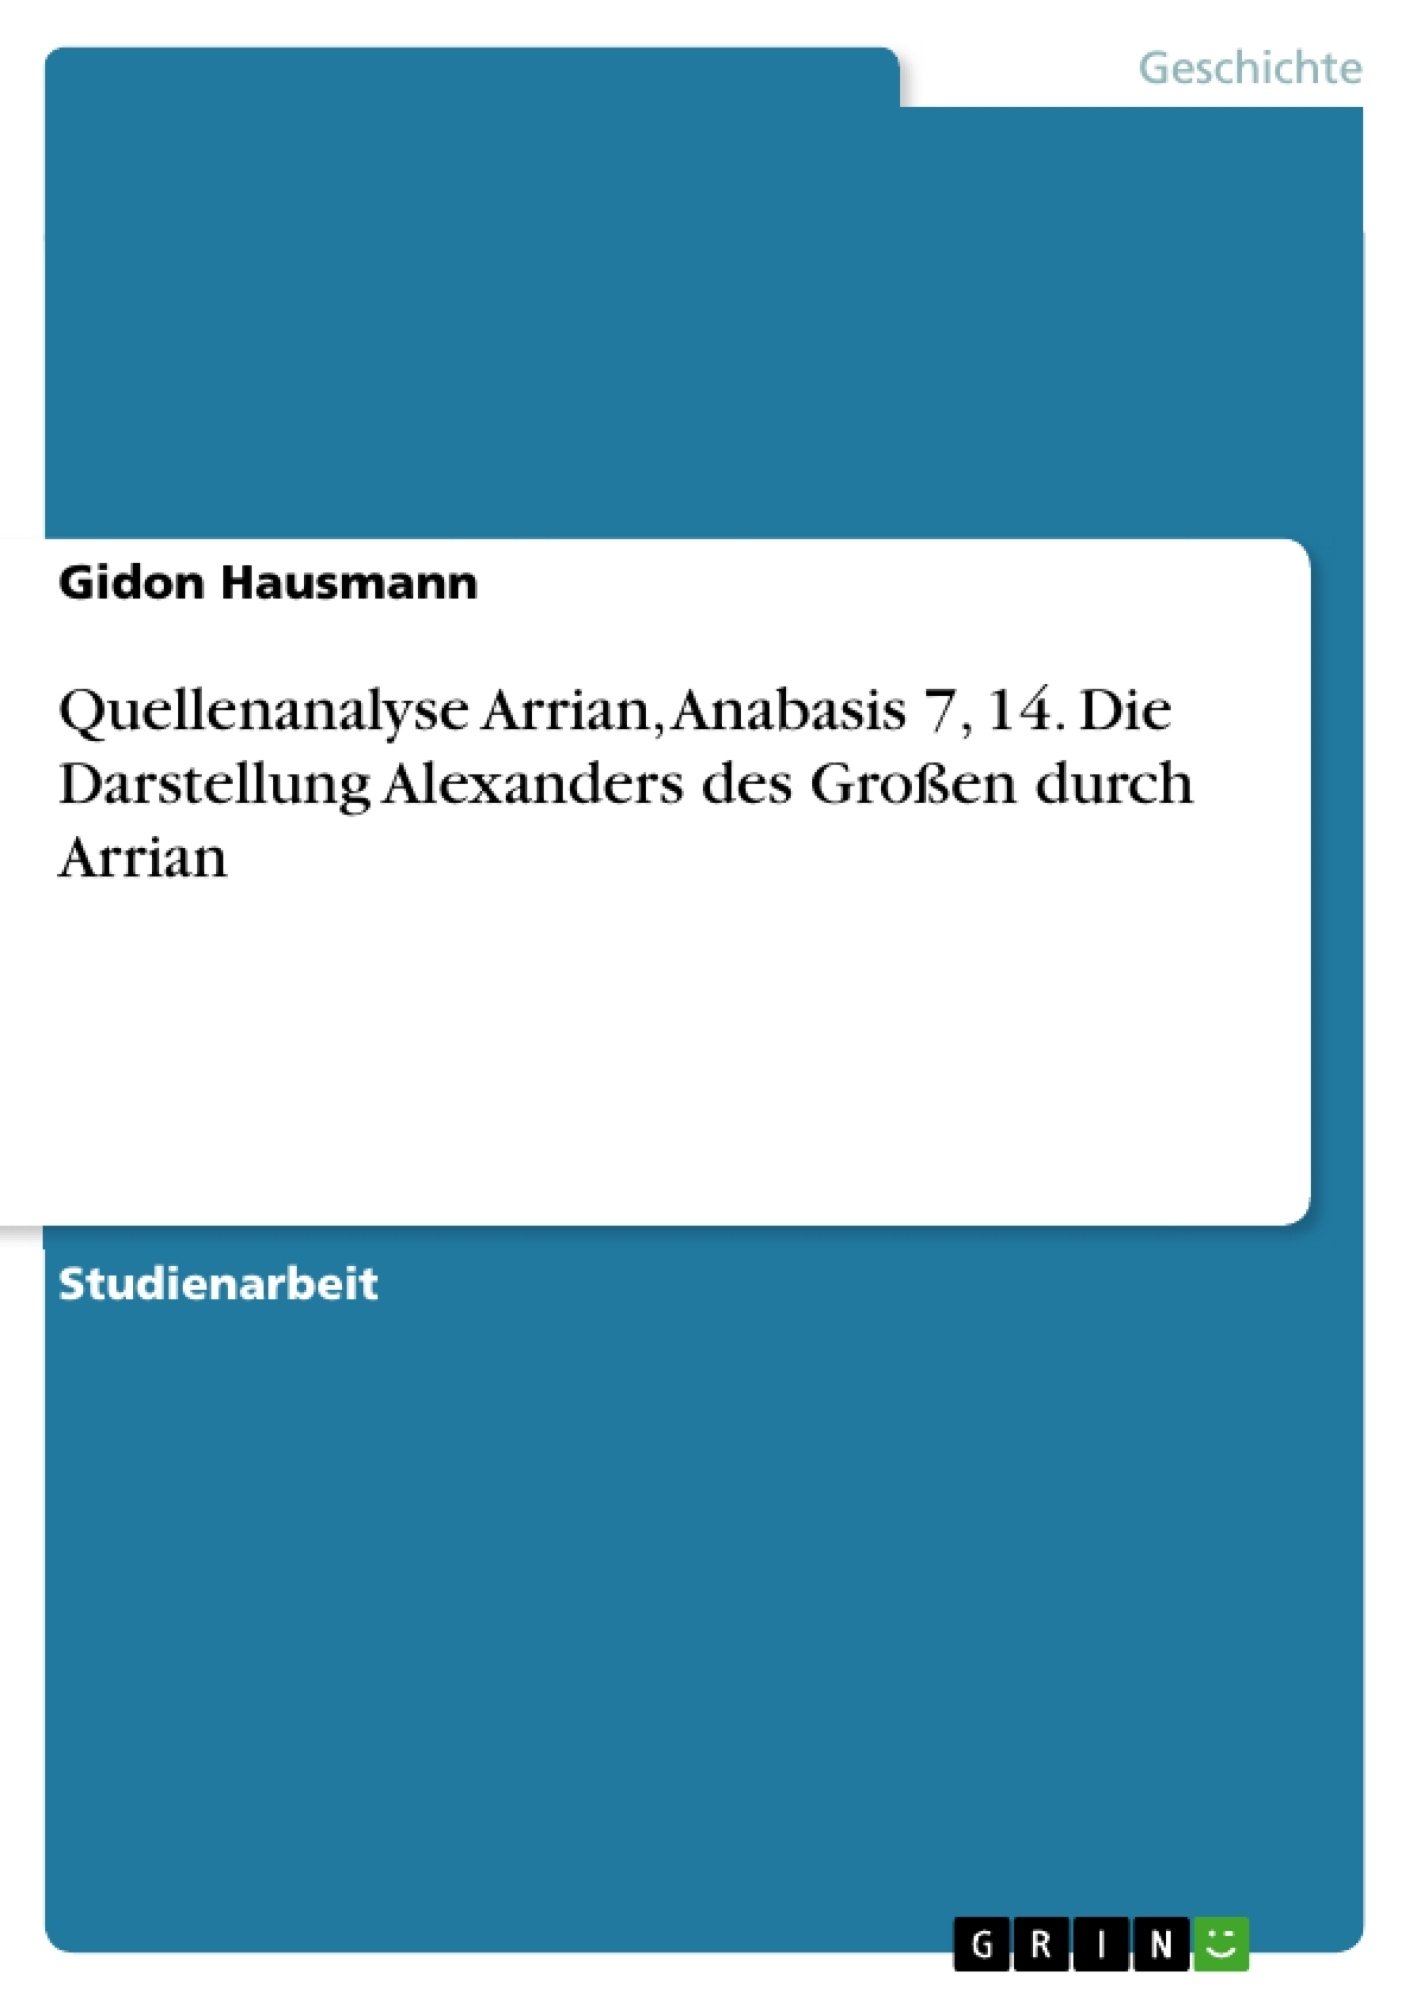 Titel: Quellenanalyse Arrian, Anabasis 7, 14. Die Darstellung Alexanders des Großen durch Arrian